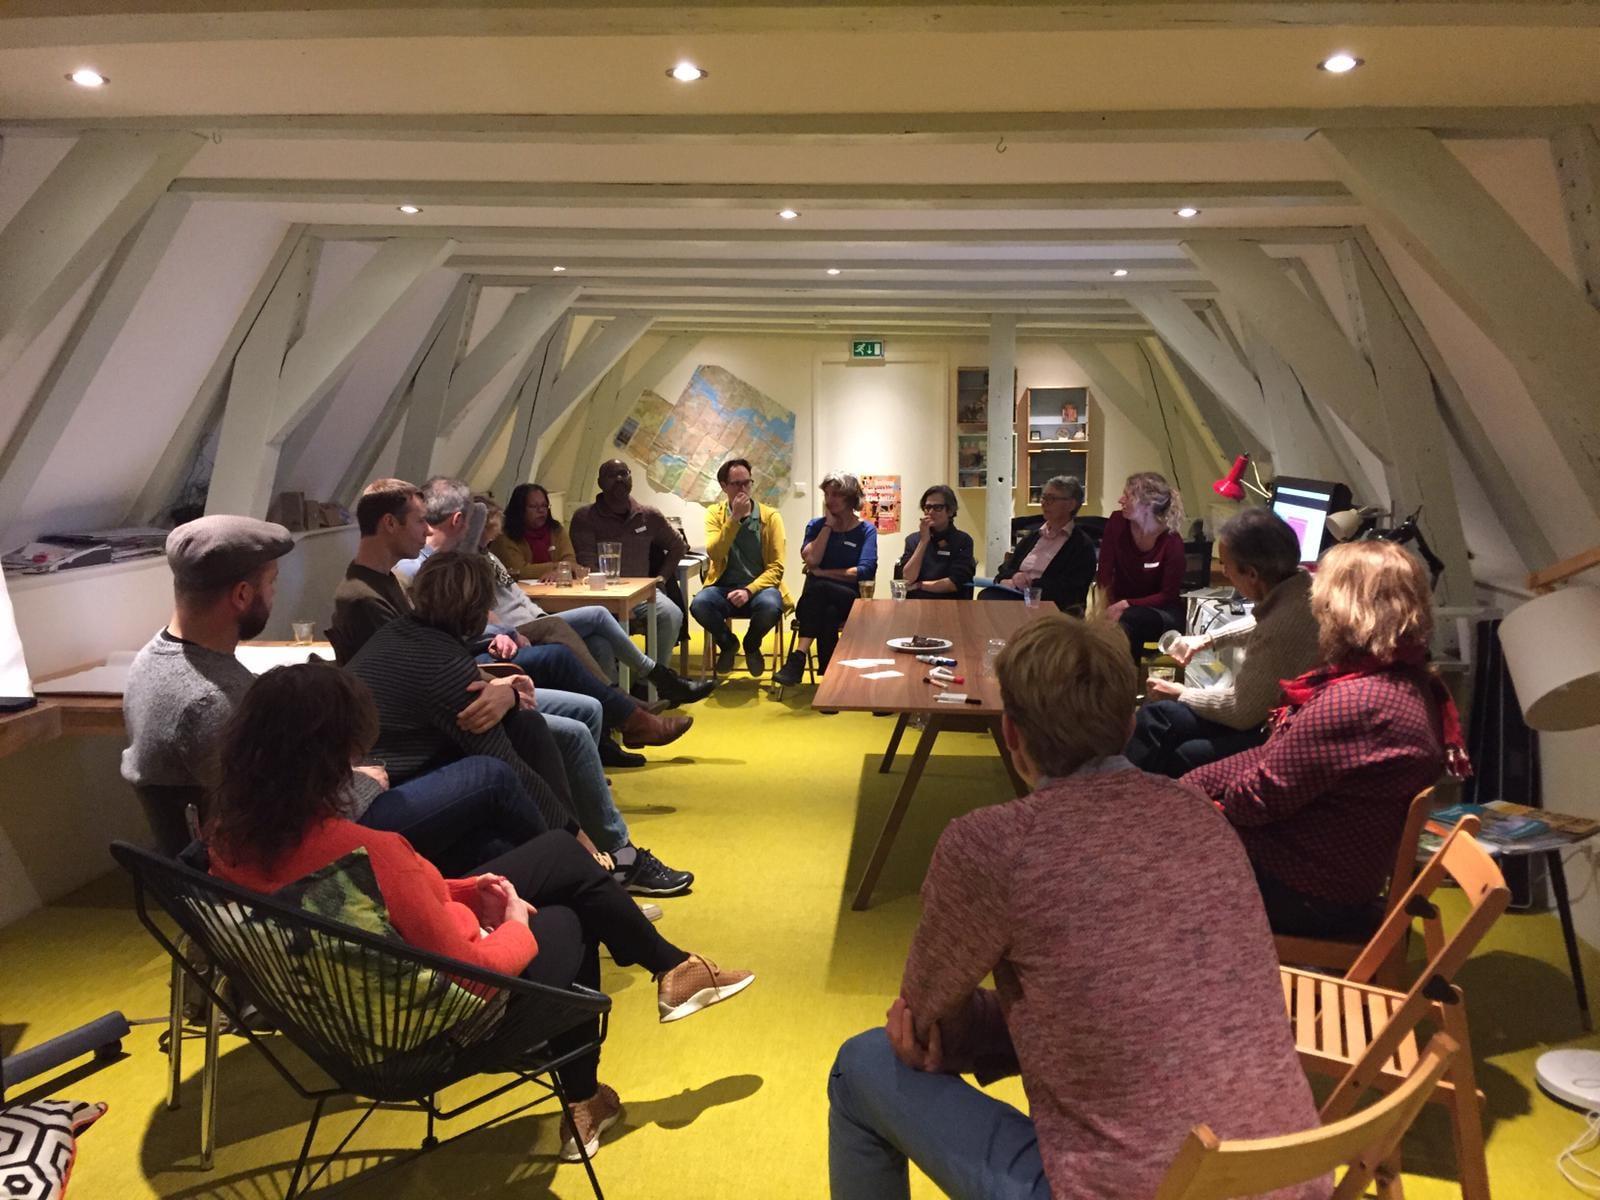 De eerste bijeenkomst met kennismaking en uitwisselen van ideeën